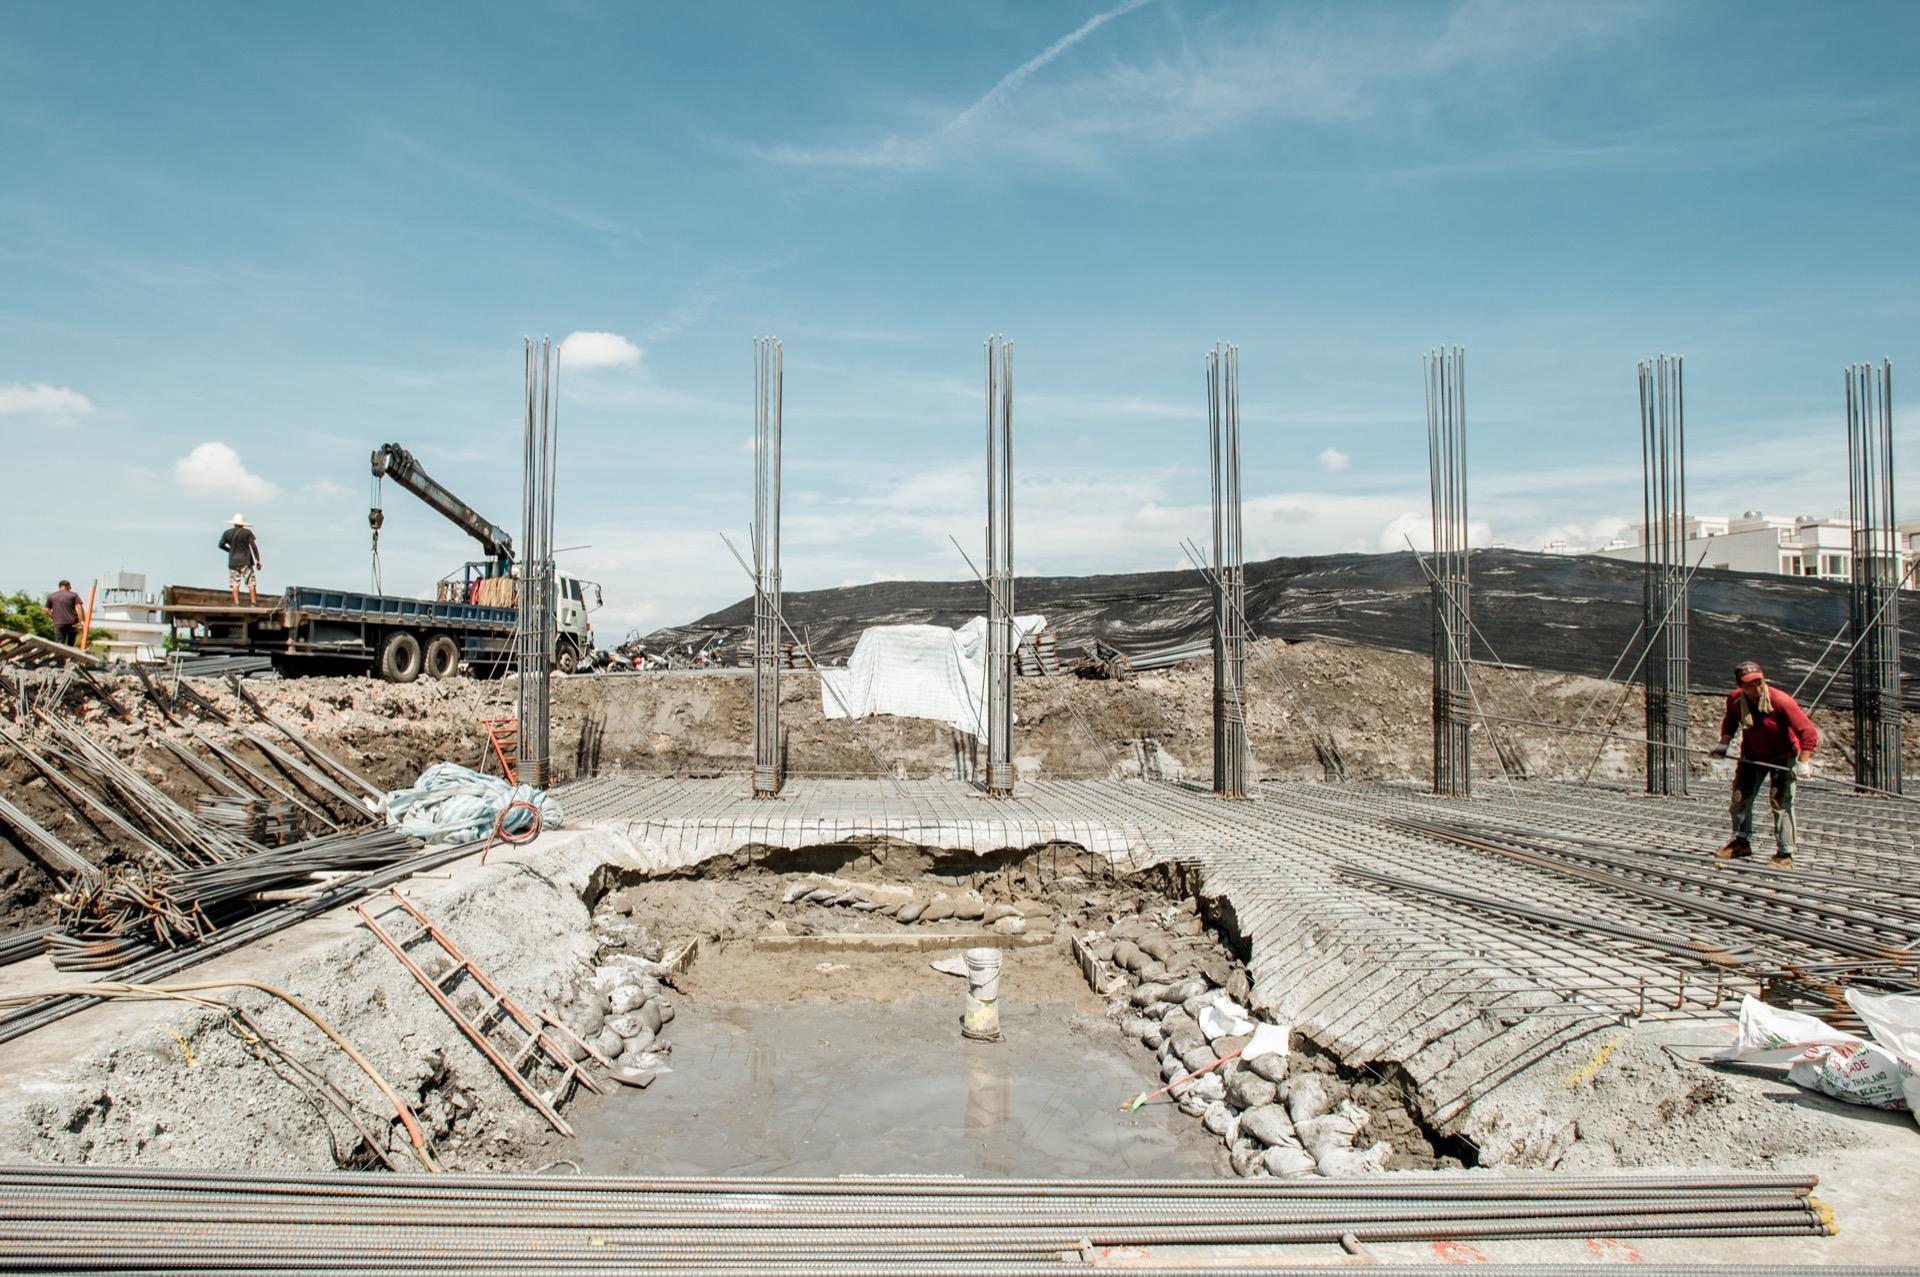 德築-DEZU-project-Zutian-architecture-real-estate-engineering-reinforcing-steel-31